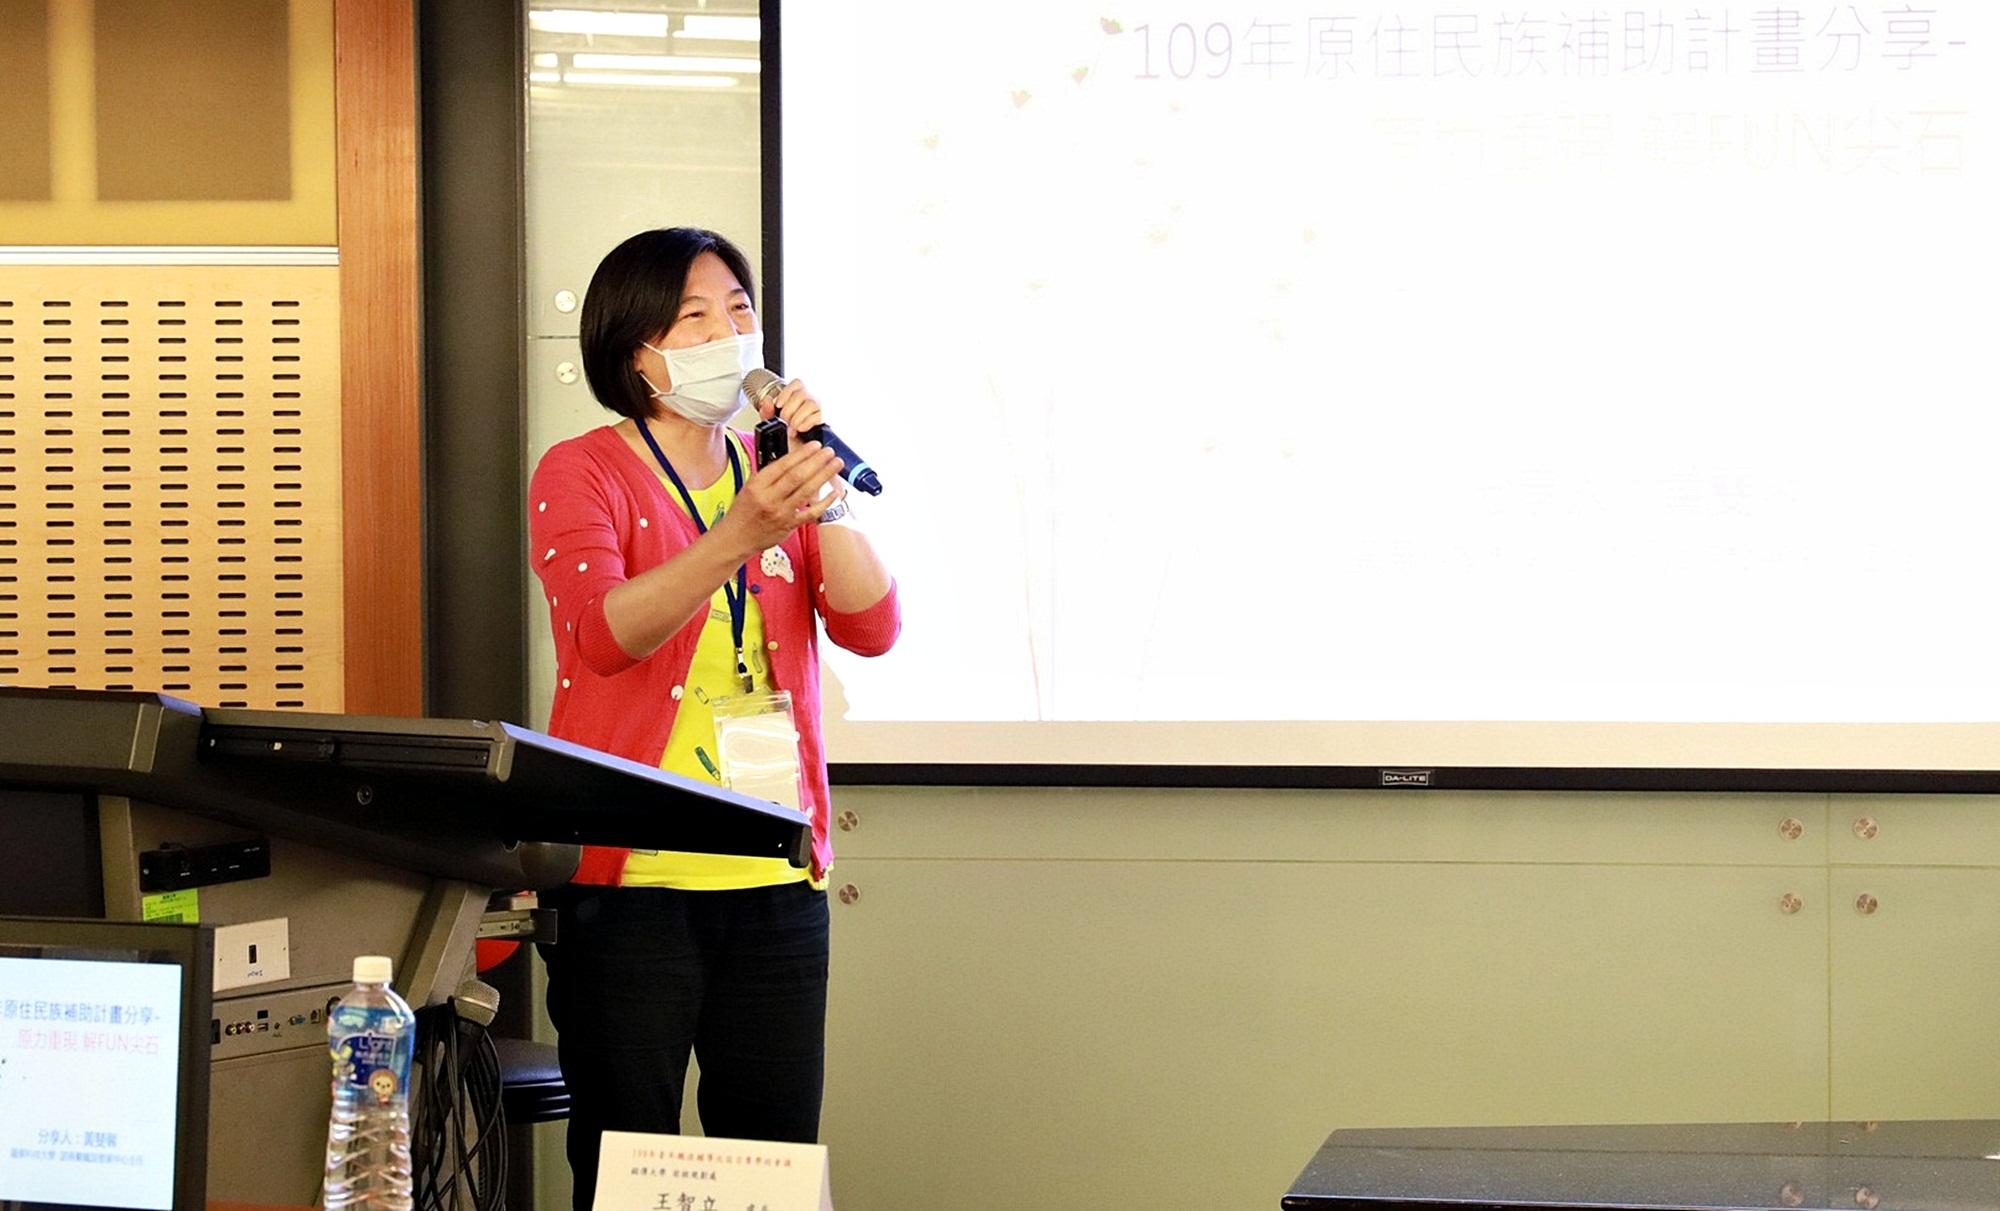 邀請龍華科技大學諮商輔導暨職涯發展中心主任黃斐馨分享109年原住民補助計畫案例。攝影/陳雪柔